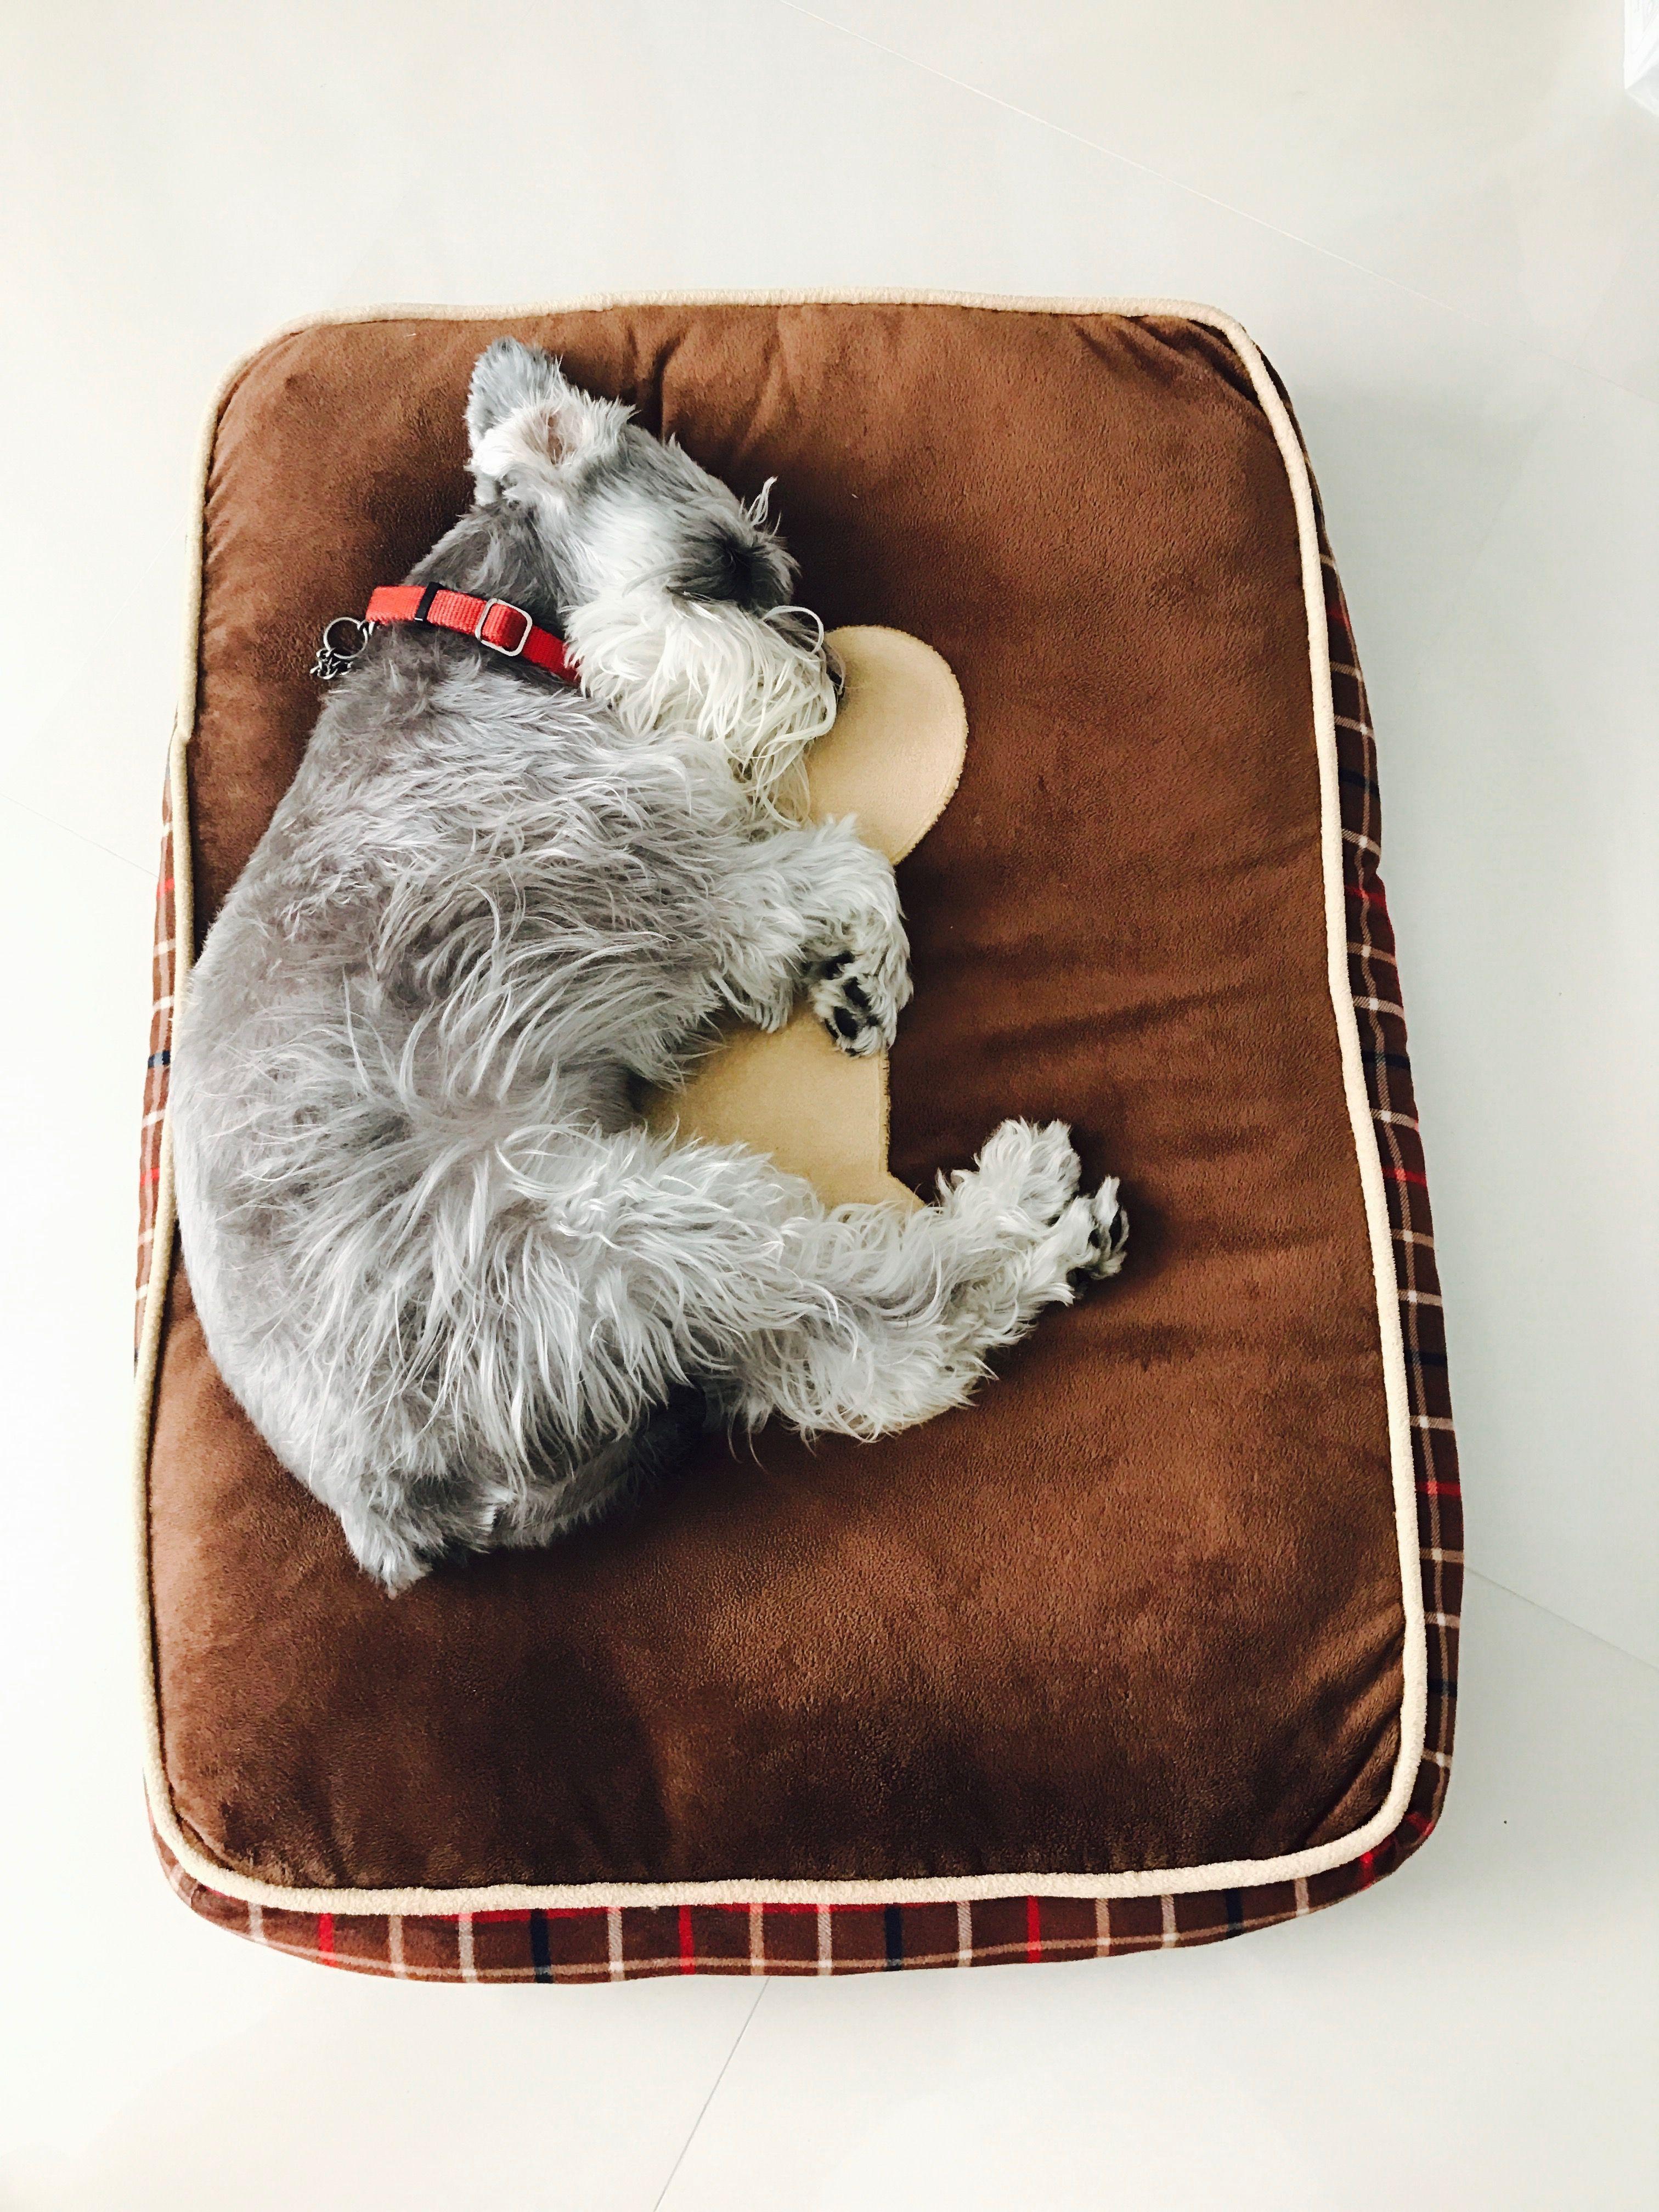 Tomando un descanso para dormir #Schnauzer #tierno #lindo